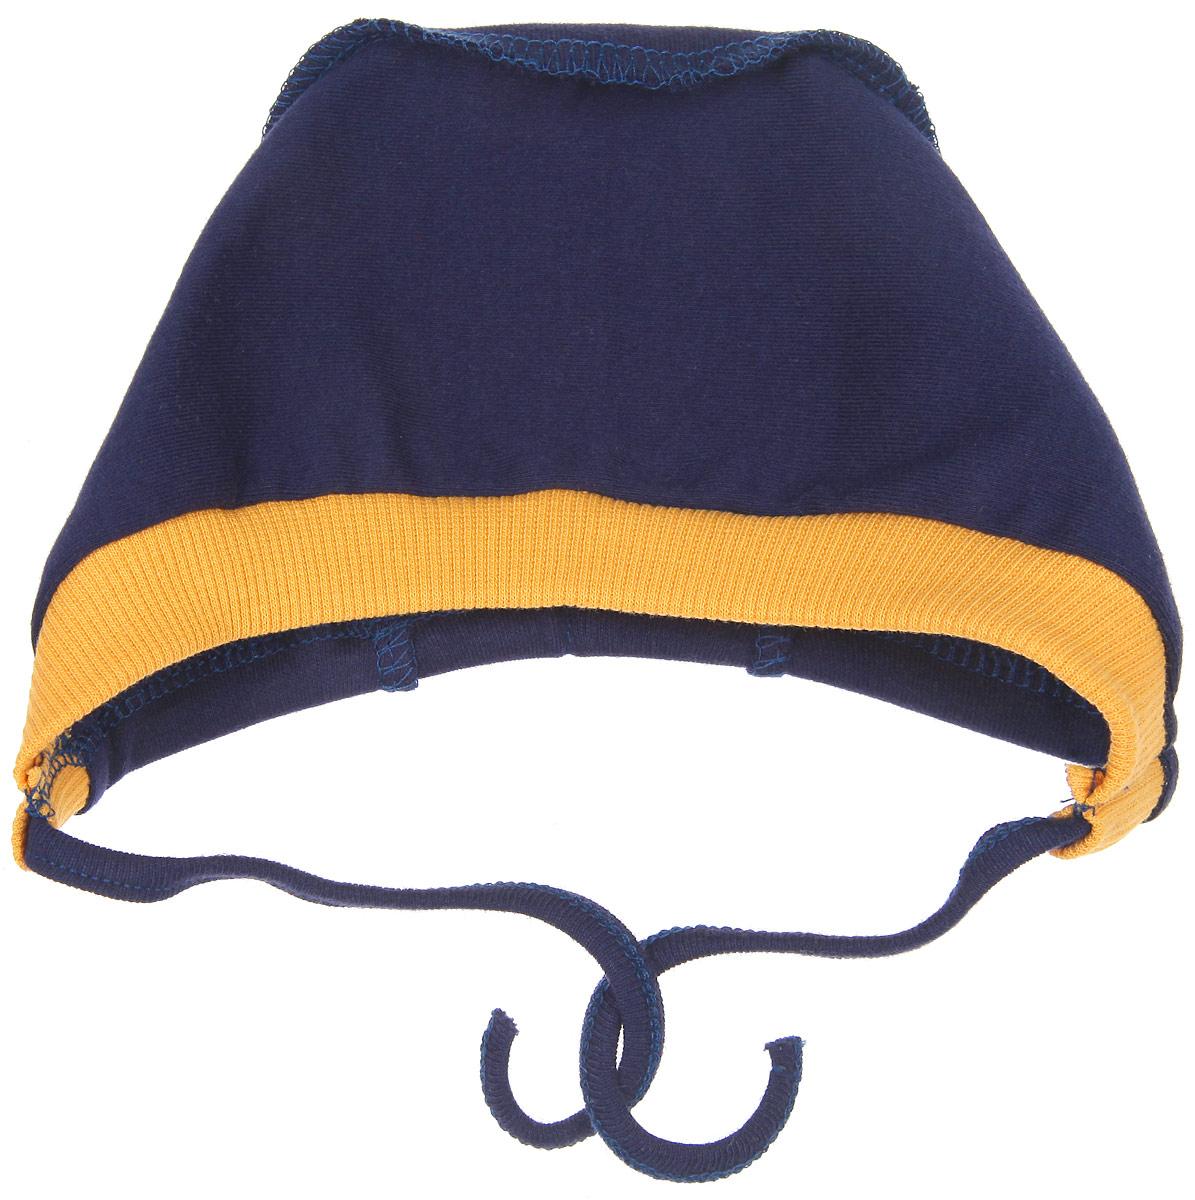 Чепчик для мальчика Lucky Child Мужички, цвет: темно-синий, желтый. 27-10. Размер 36 чепчик для мальчика lucky child цвет кофейный 20 10 размер 38